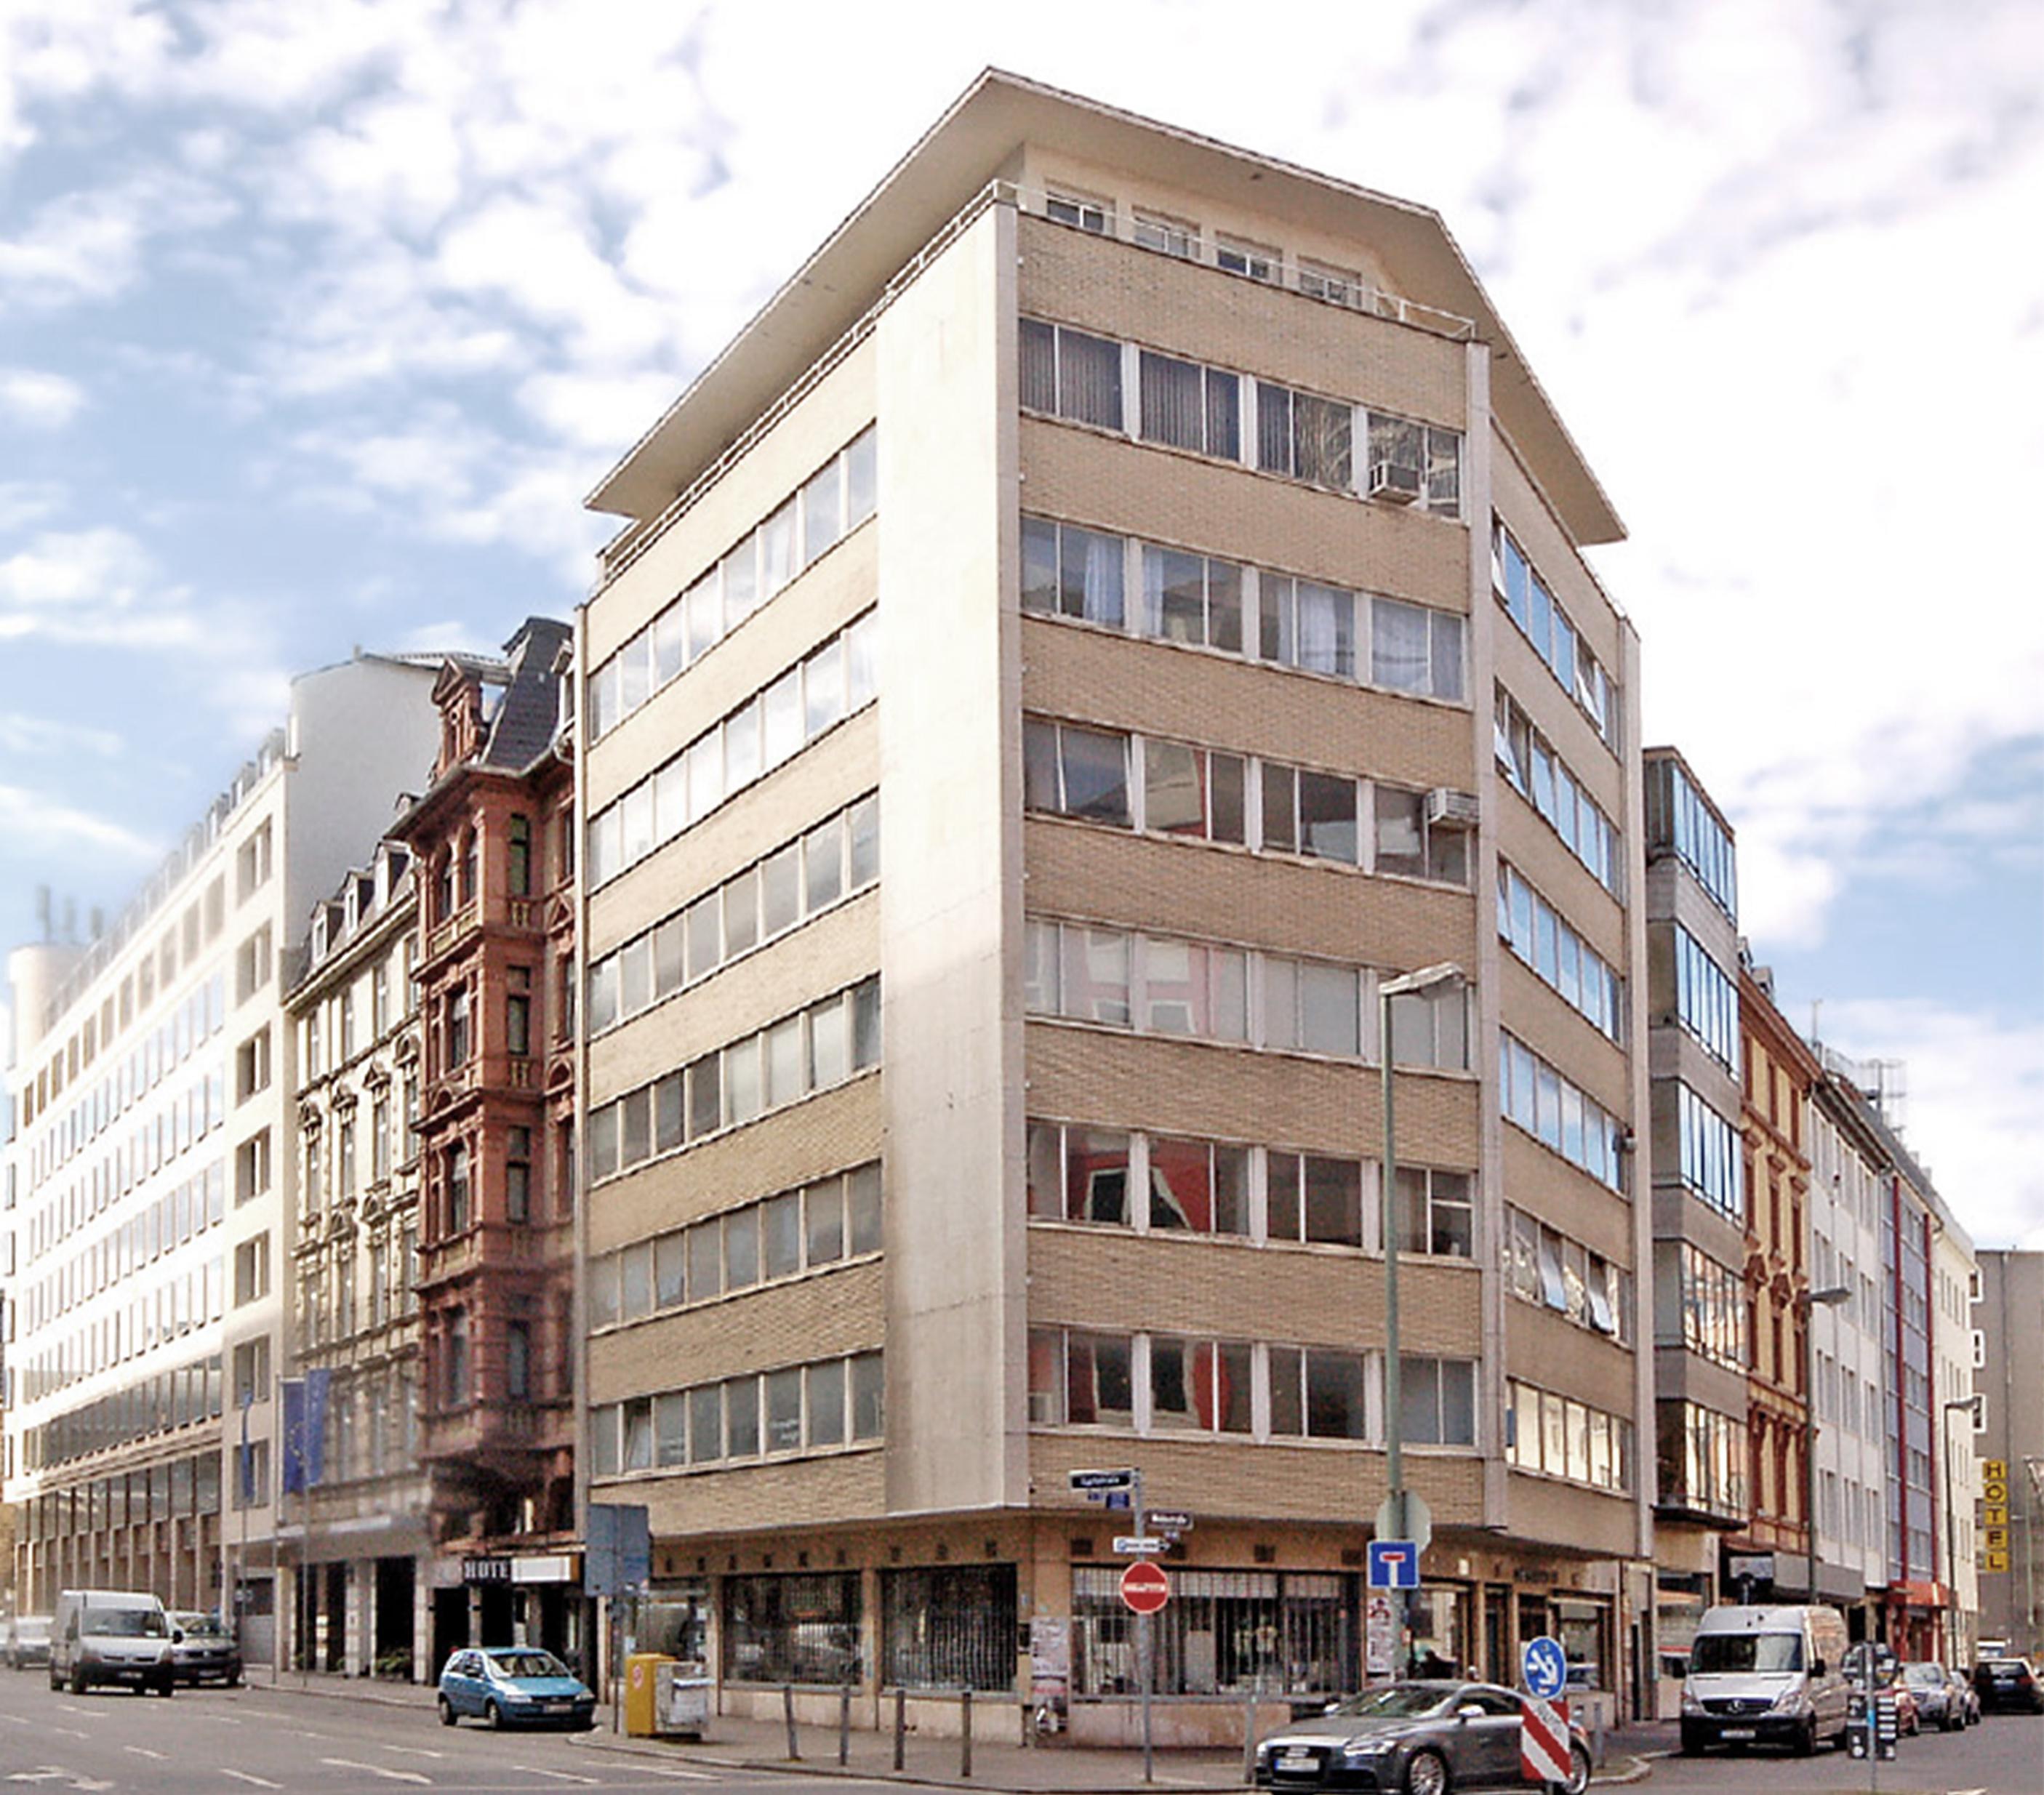 So sah das Gebäude bis 2017 aus - einfach verglaste Fenster, keine Wärmedämmung und gewerbliche Nutzungen